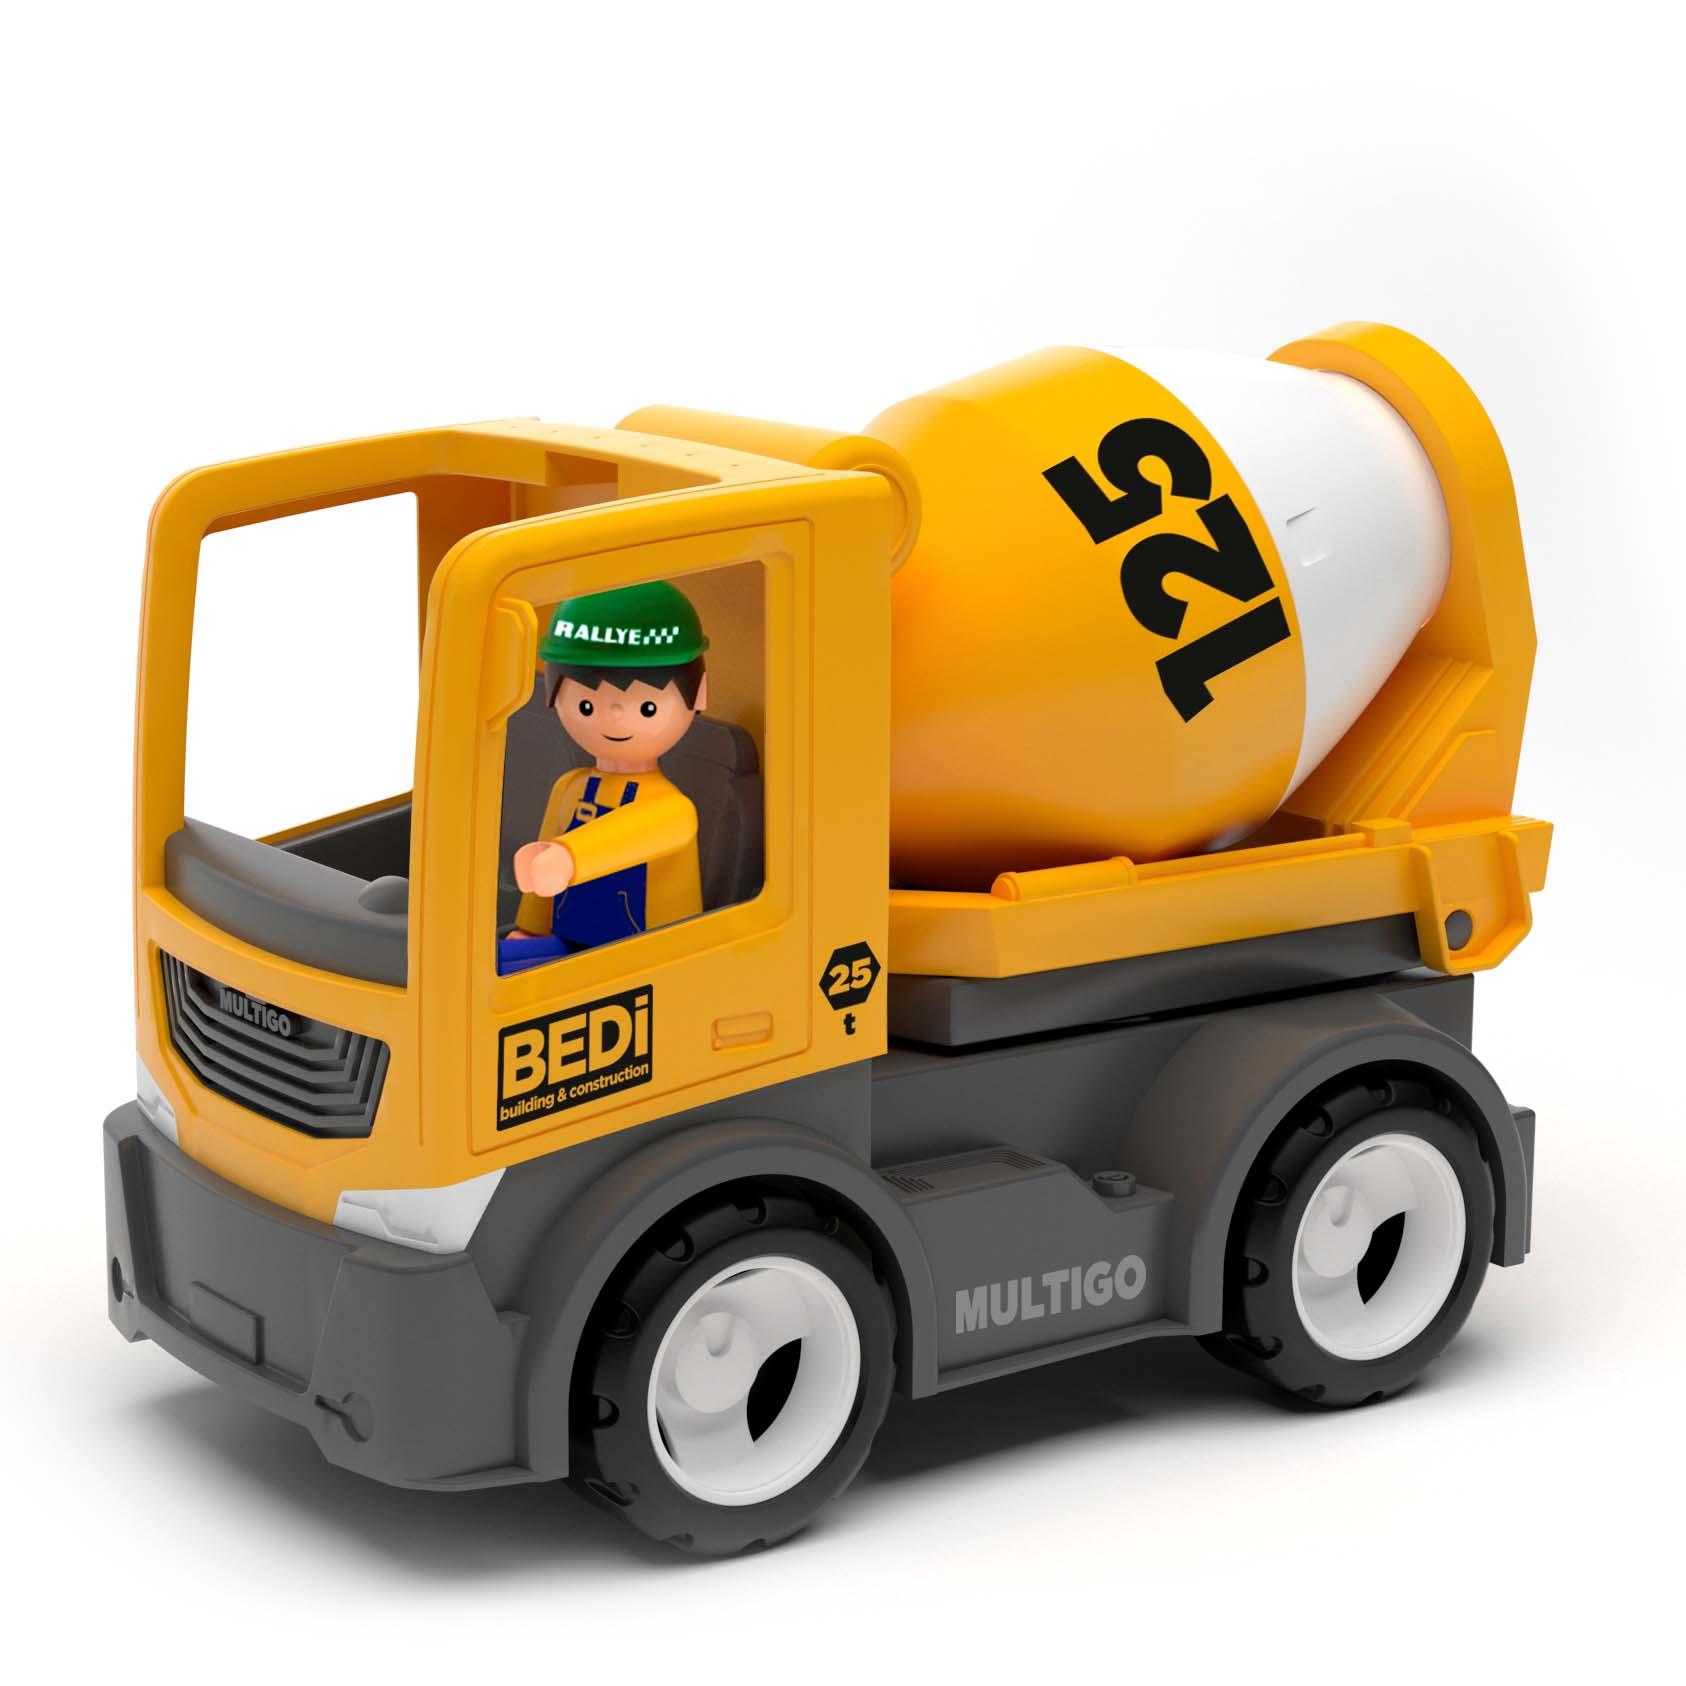 Купить Строительный грузовик-бетономешалка с водителем, 22 см, Efko